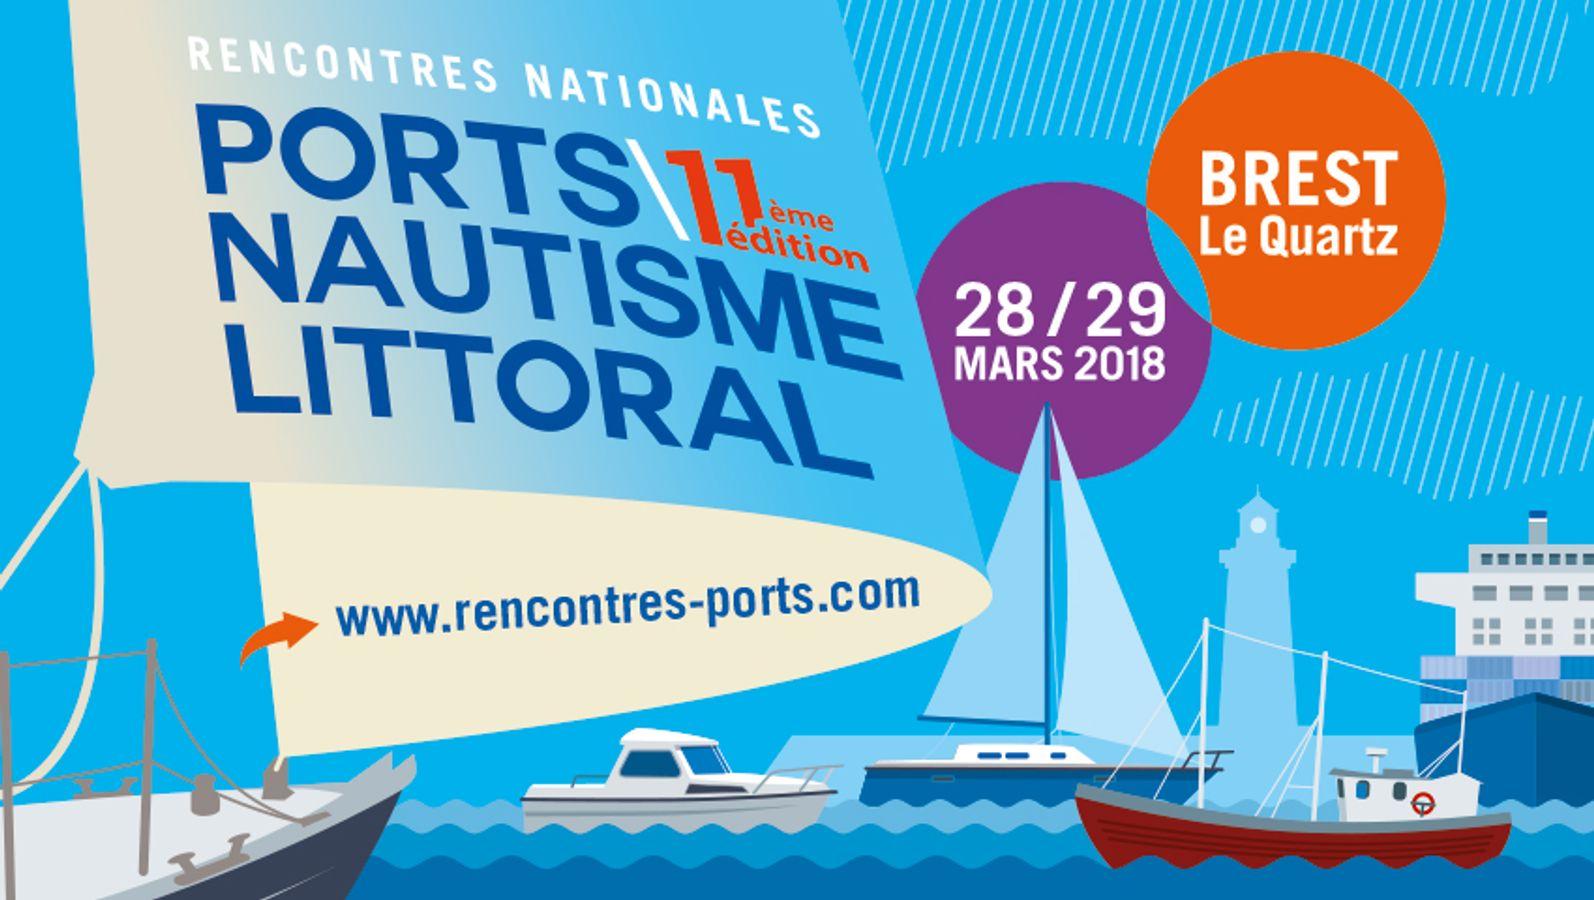 Retrouvez les vidéos et supports de présentations des 11èmes Rencontres Nationales Ports, Nautisme, Littoral